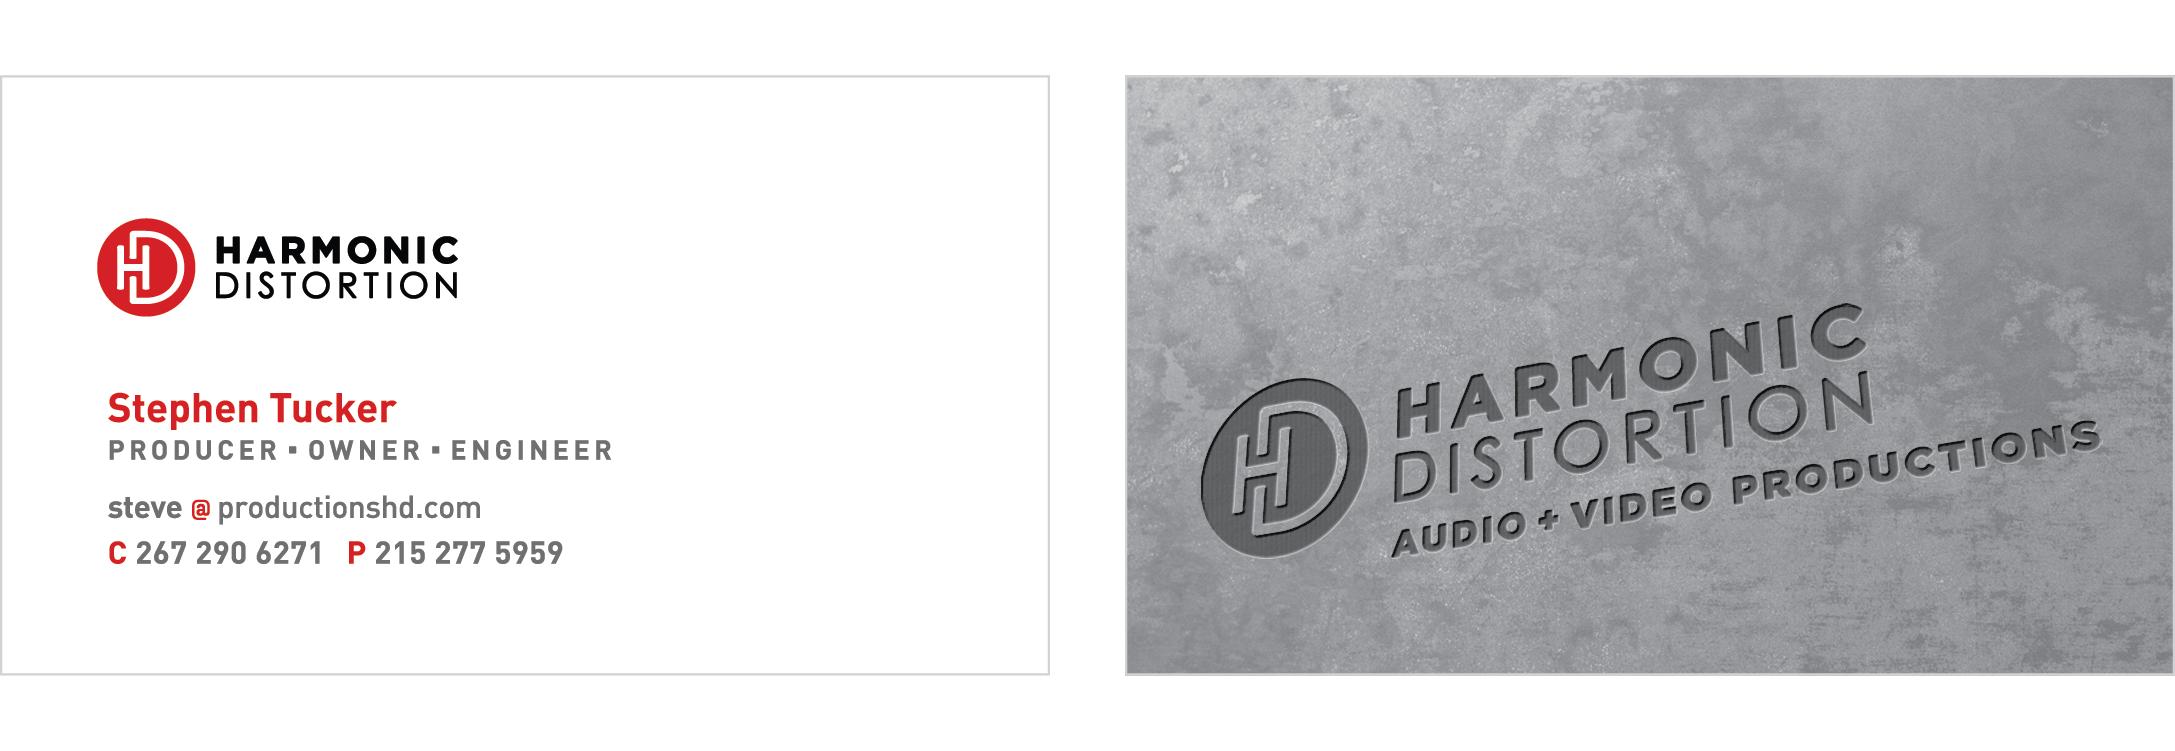 HHG-11.png